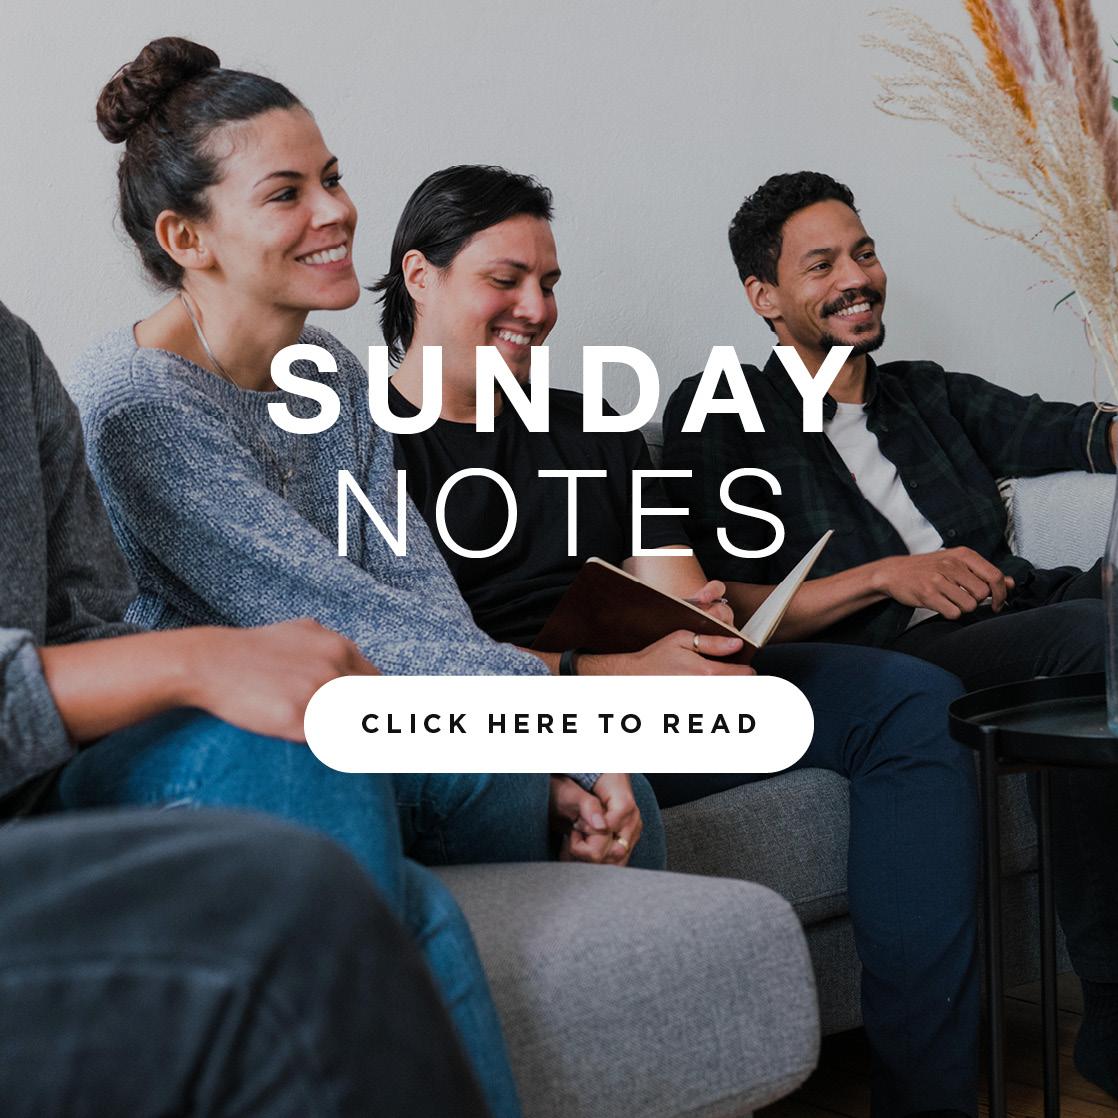 Sunday Notes